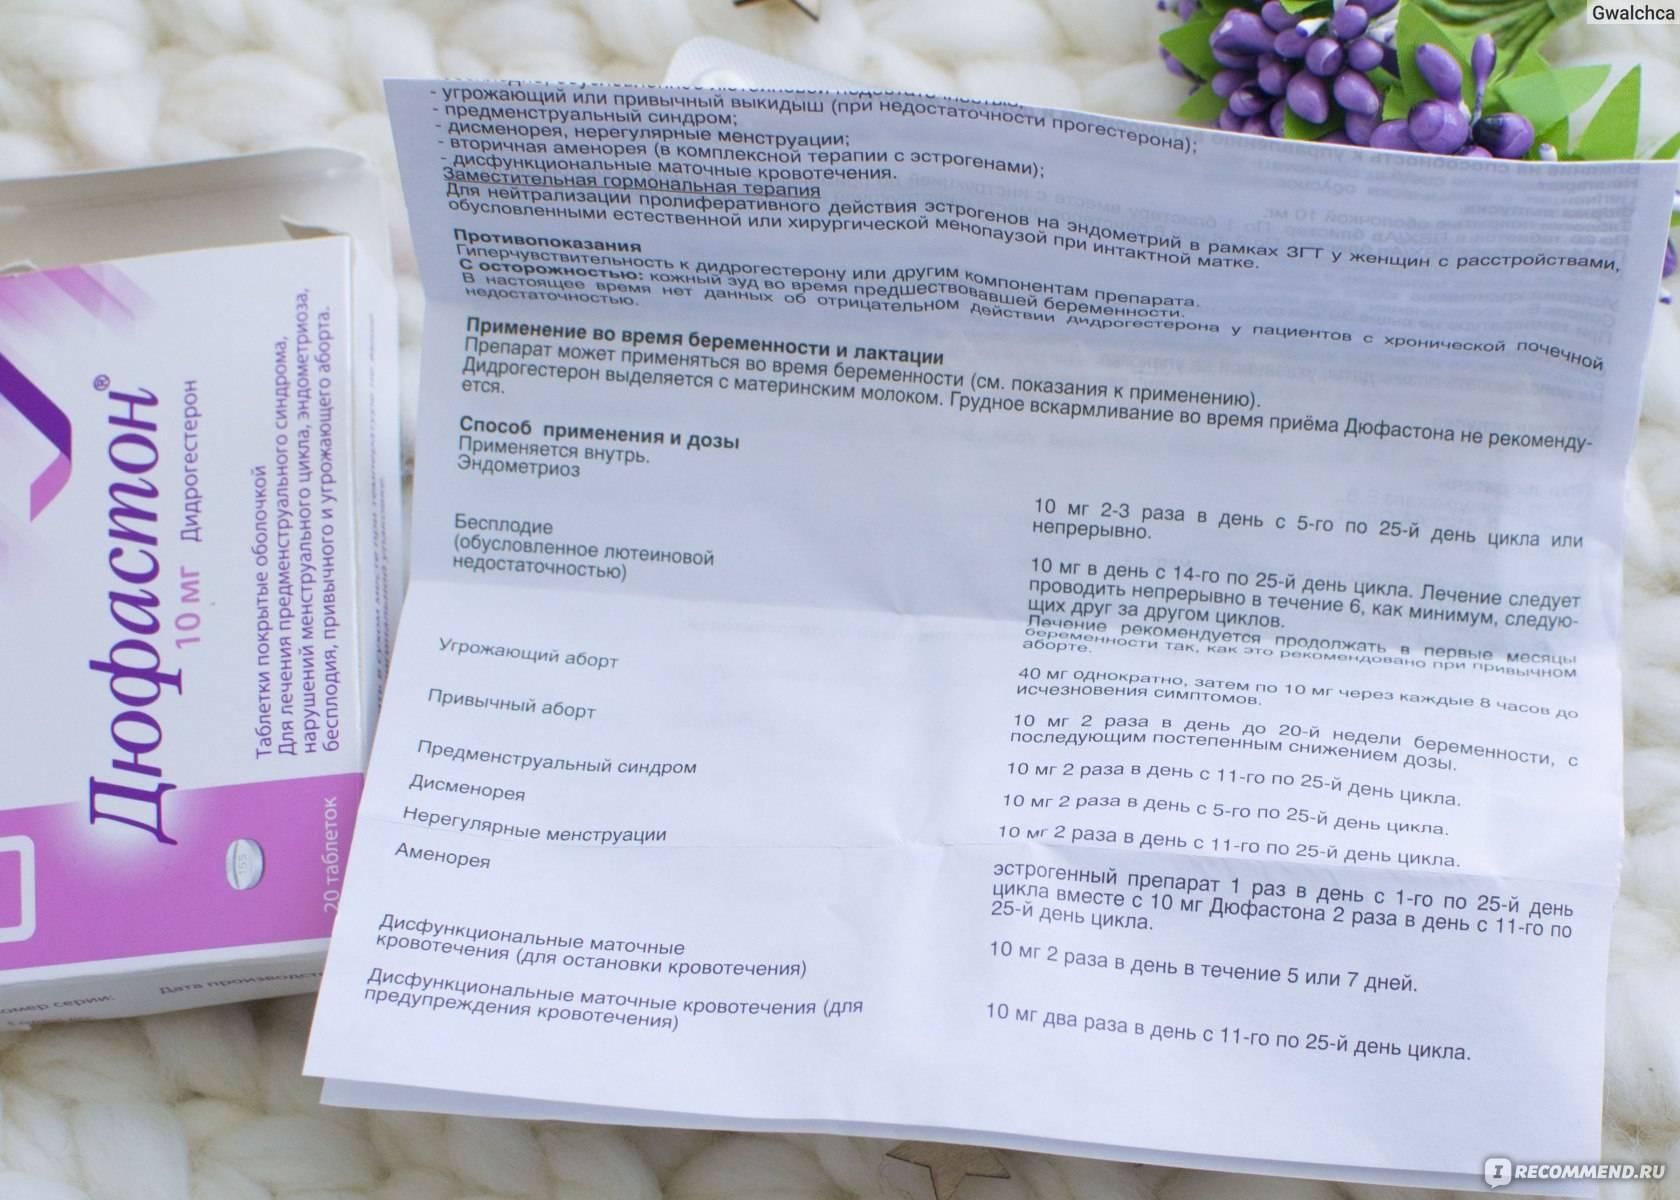 Когда и как правильно отменять прием «дюфастона» при беременности?